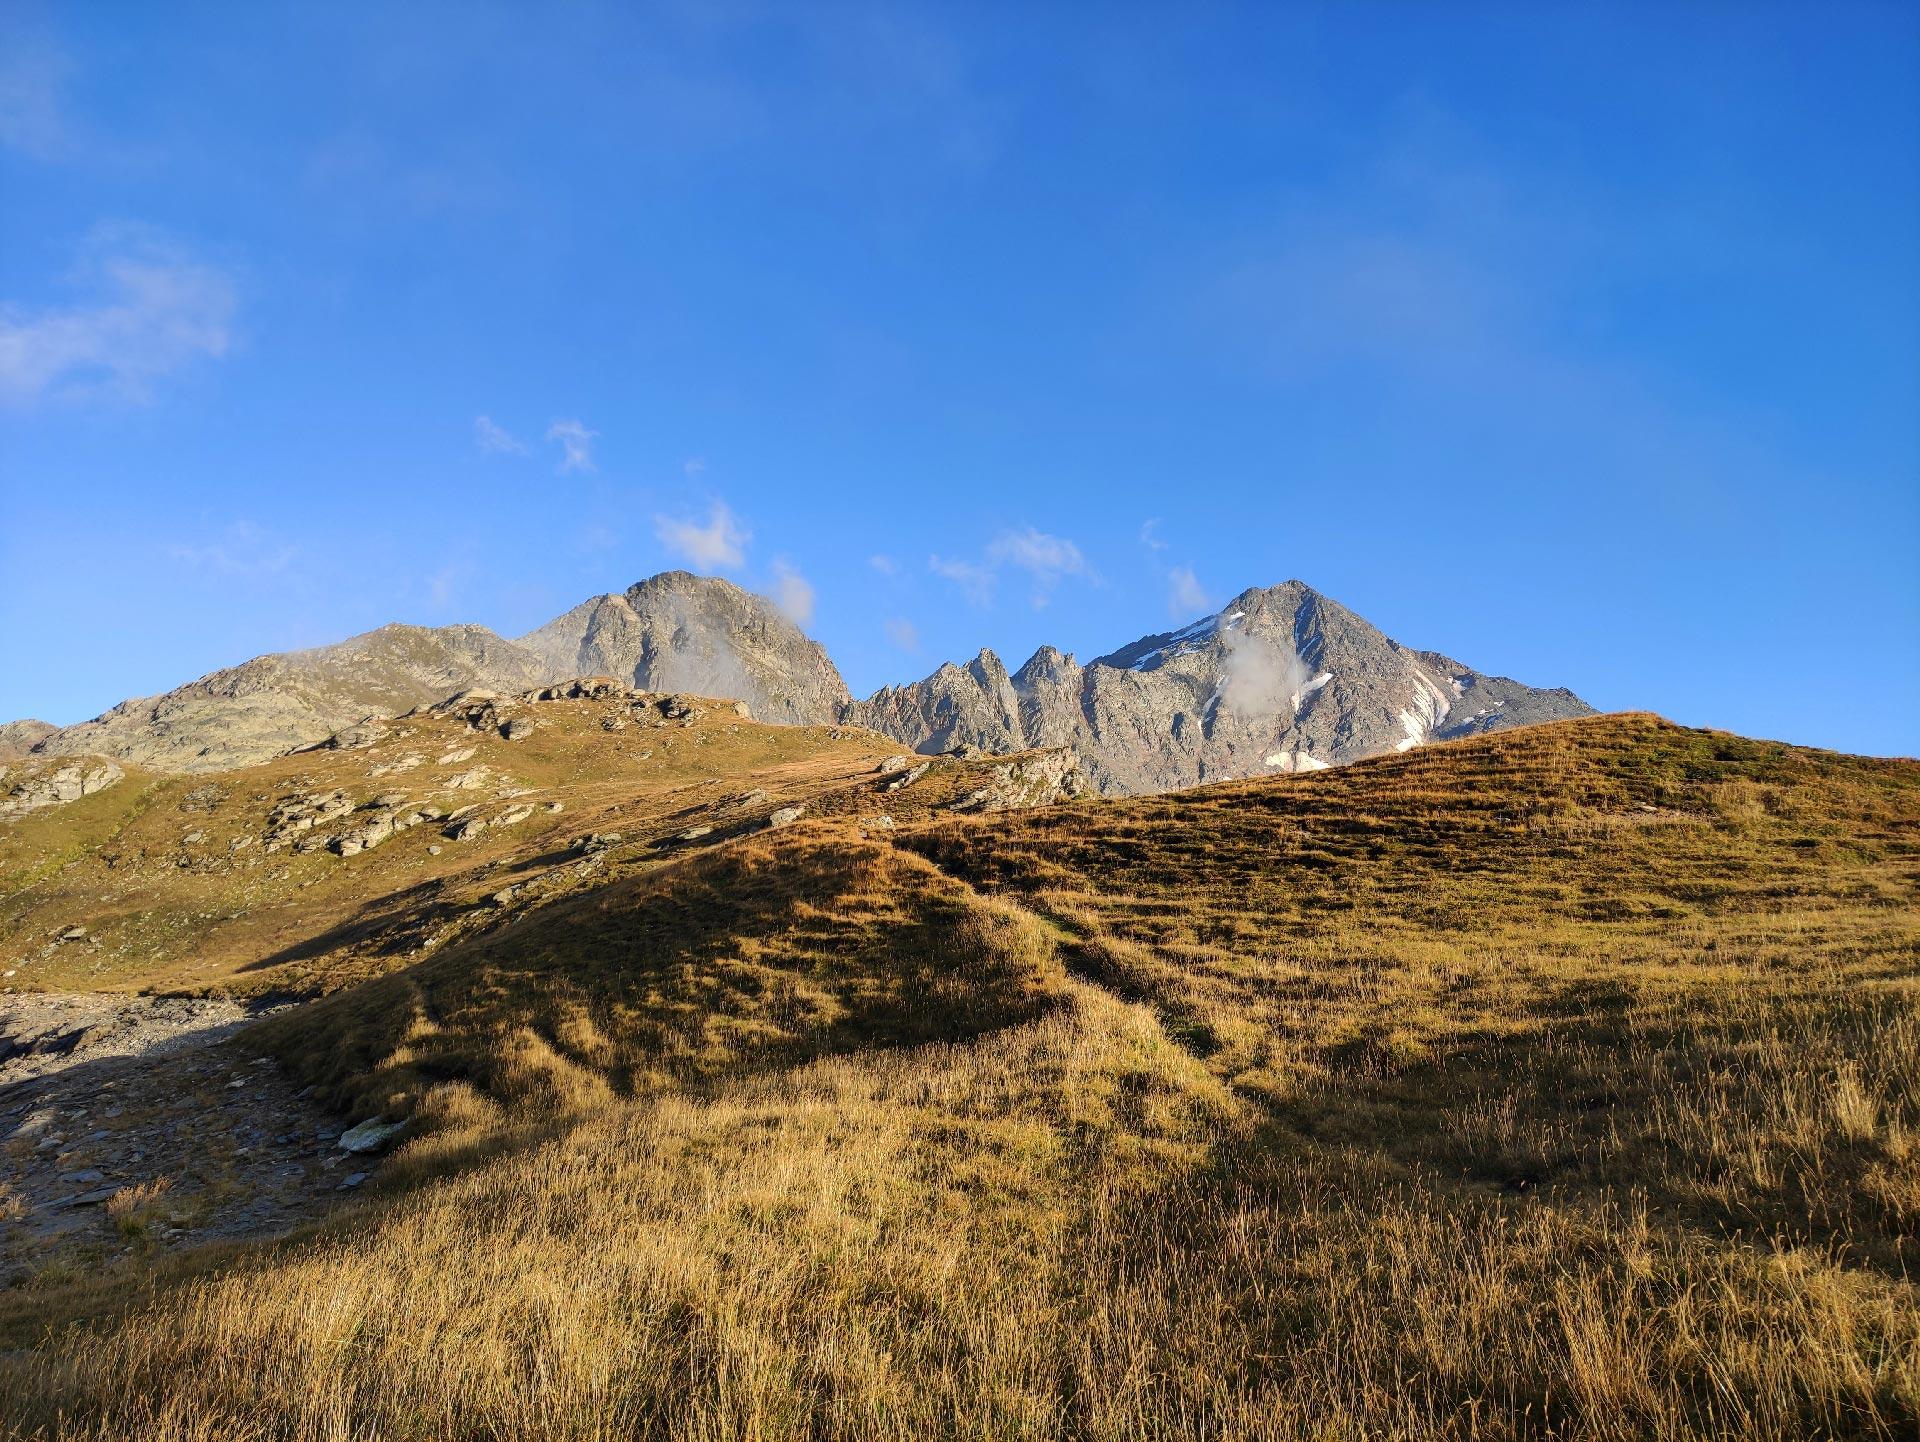 Veduta del Pizzo Stella (montagna) in lontananza, Madesimo, Lombardia